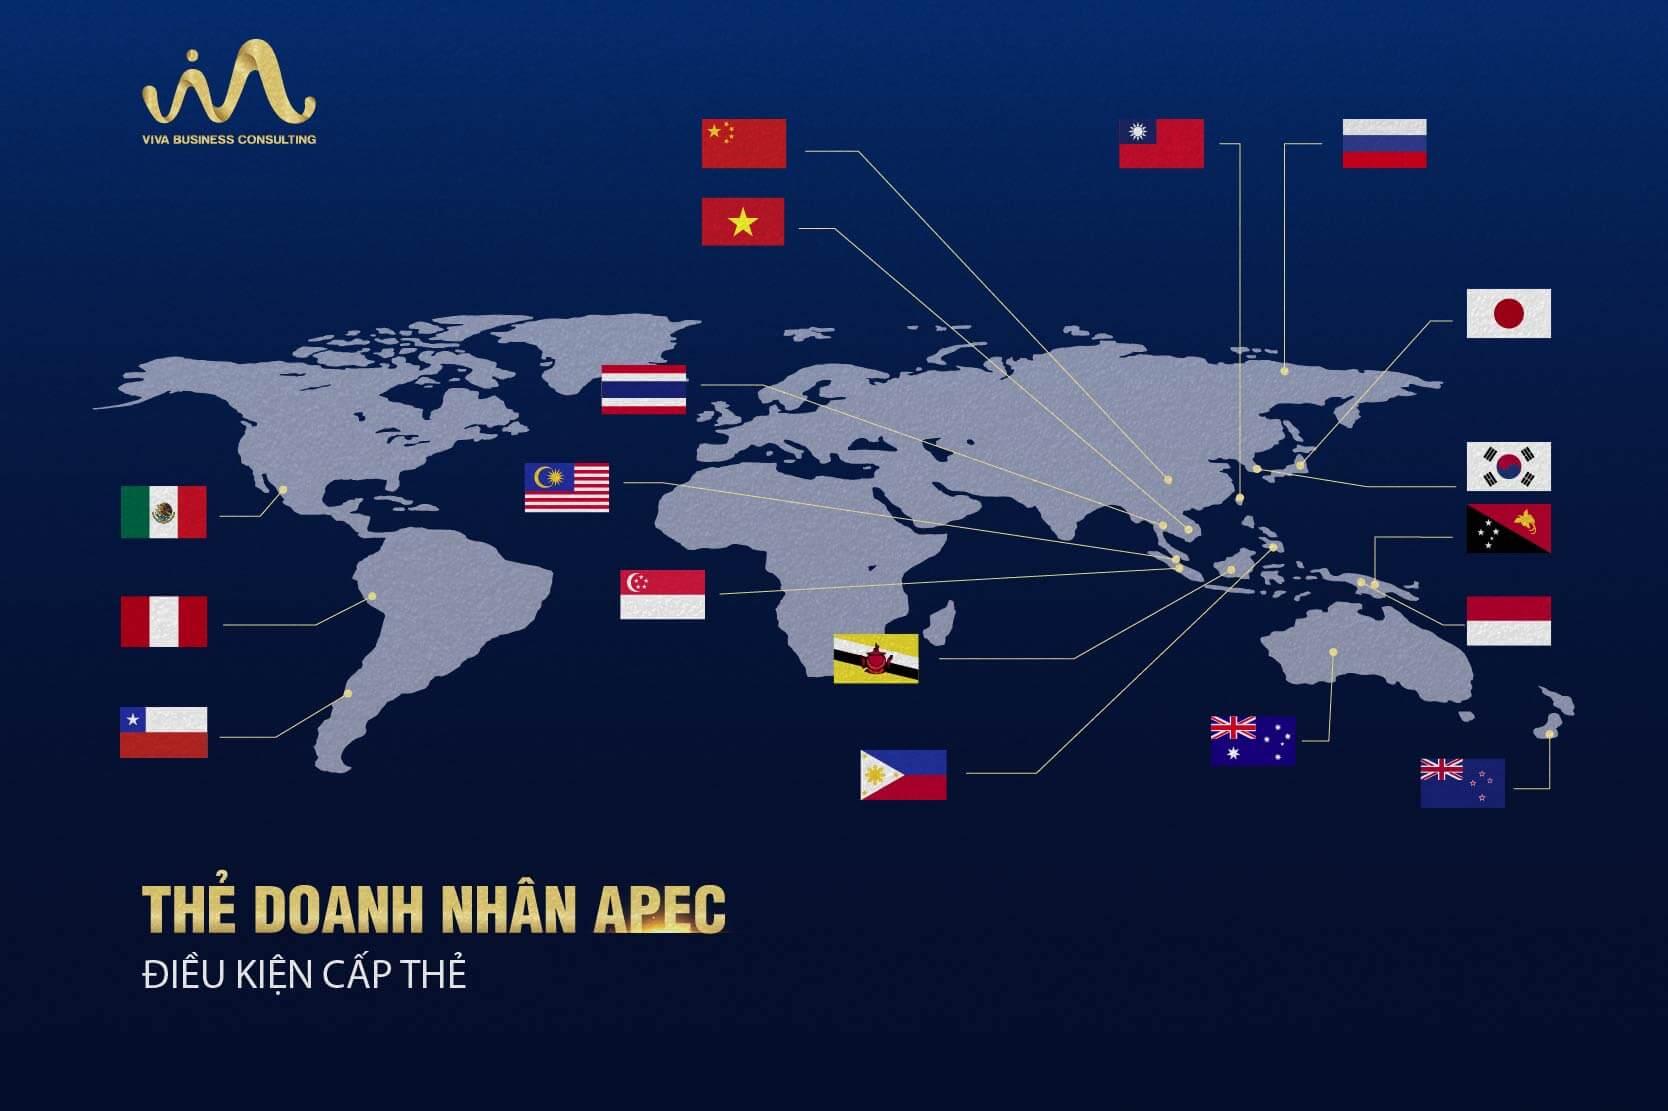 Điều kiện cấp thẻ APEC dành cho doanh nhân Việt Nam